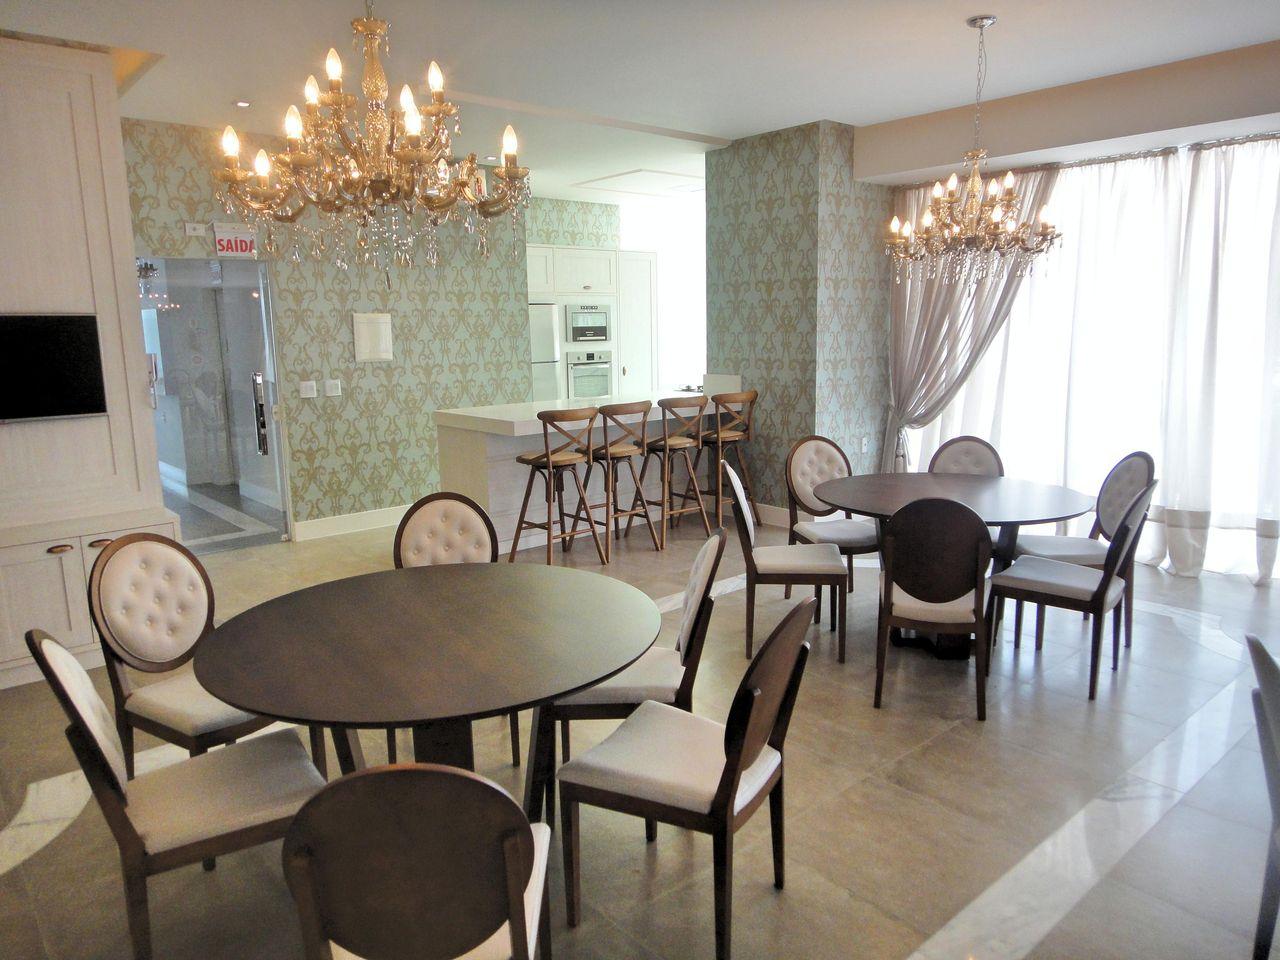 Cozinha Americana Com Banqueta De Madeira De Gabriela Herde 92753